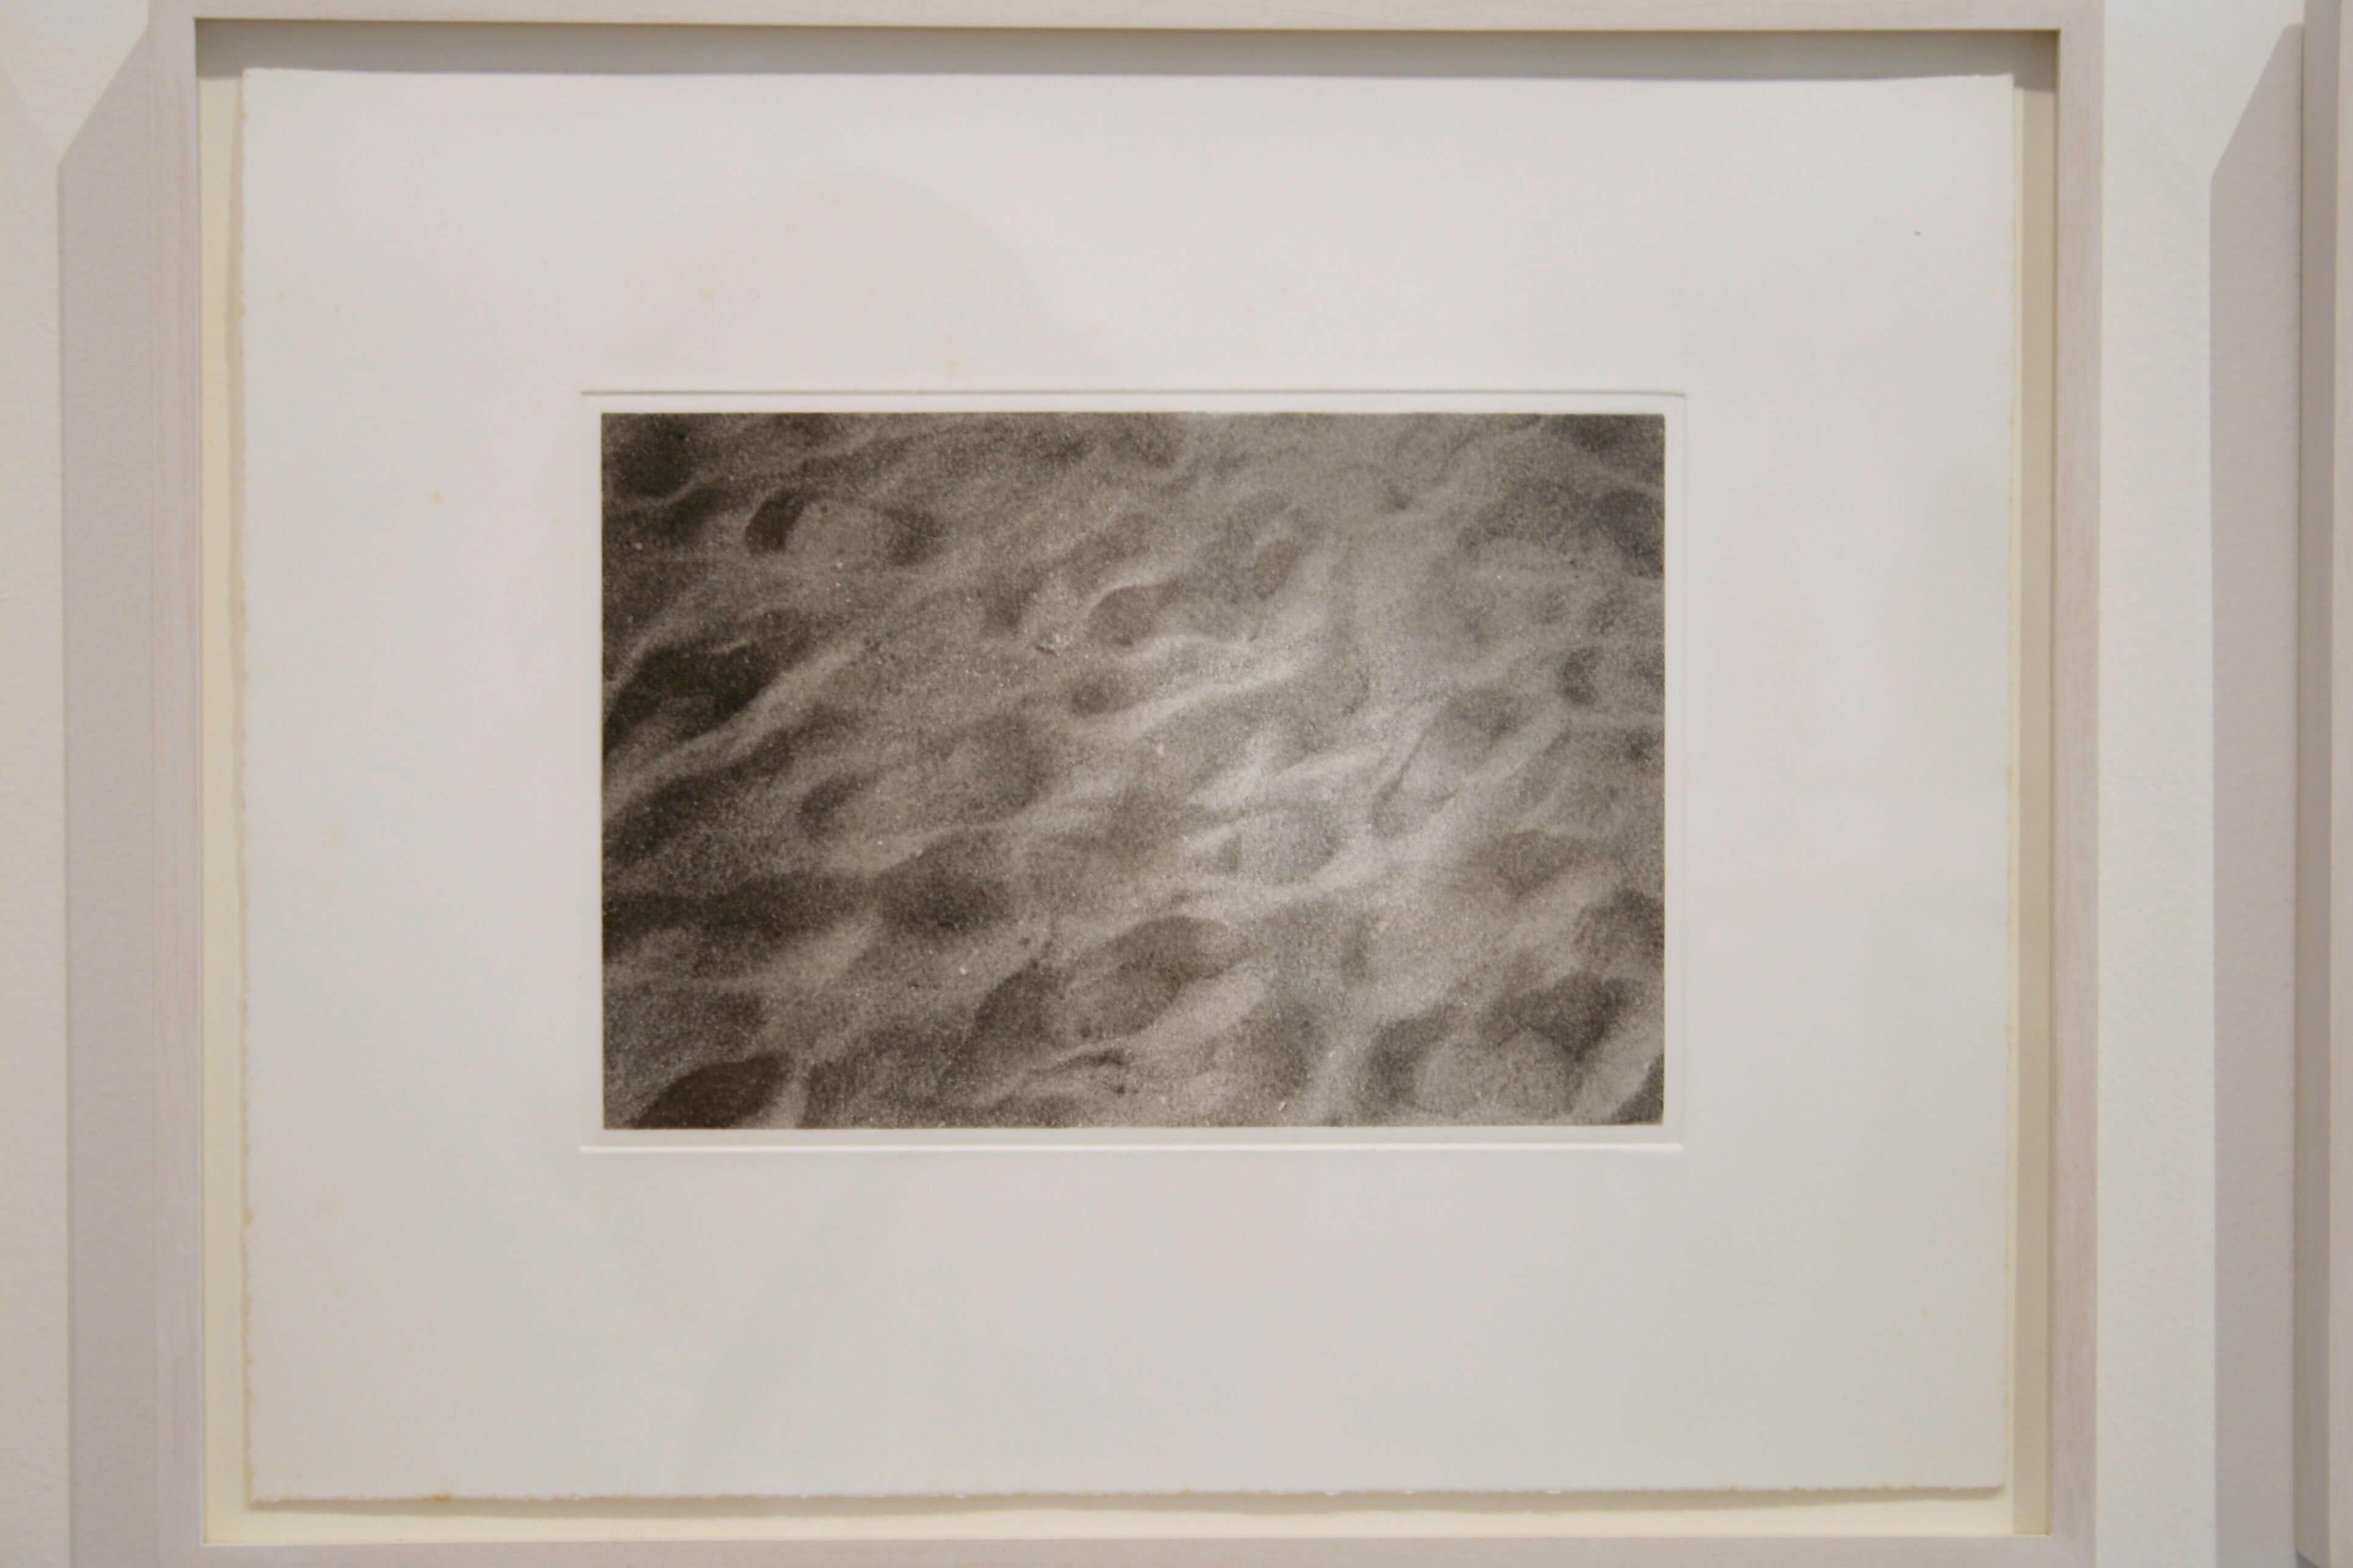 De la Cruz Collection, Félix González-Torres